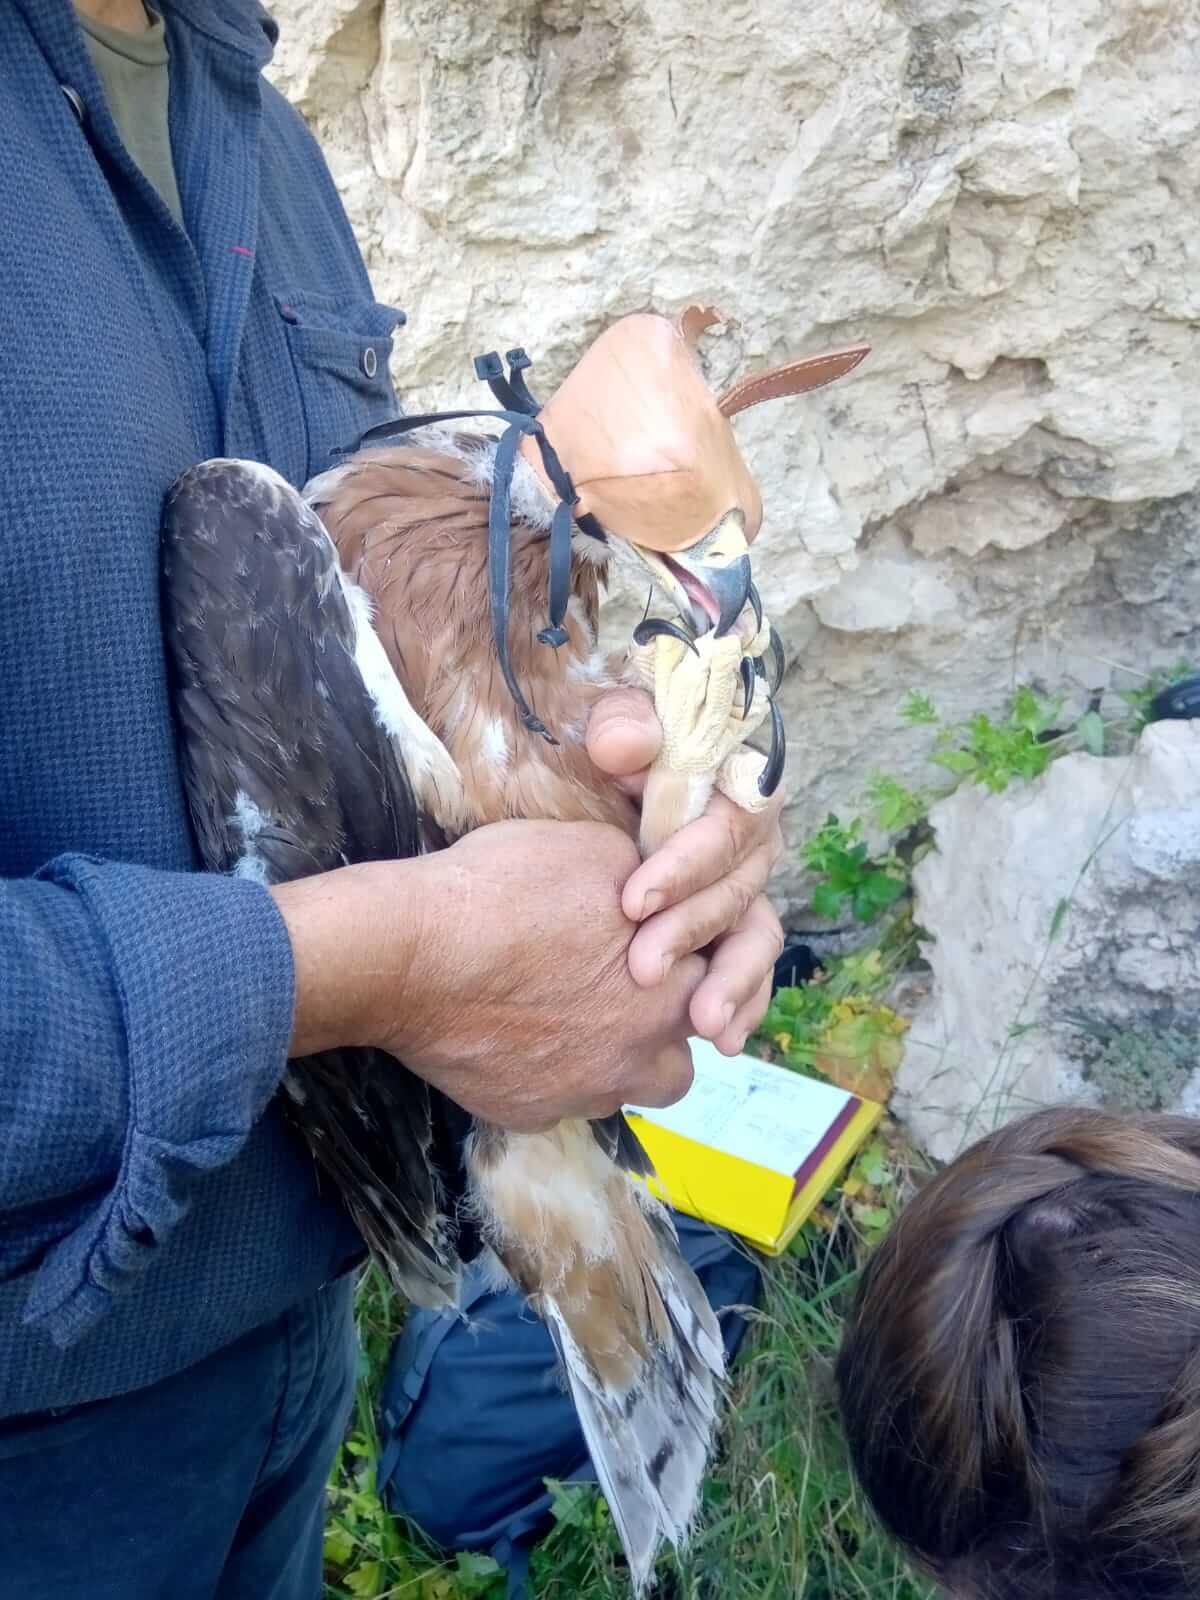 Giovane esemplare di Aquila di Bonelli sottoposto a misurazioni biometriche (foto Pollutri)